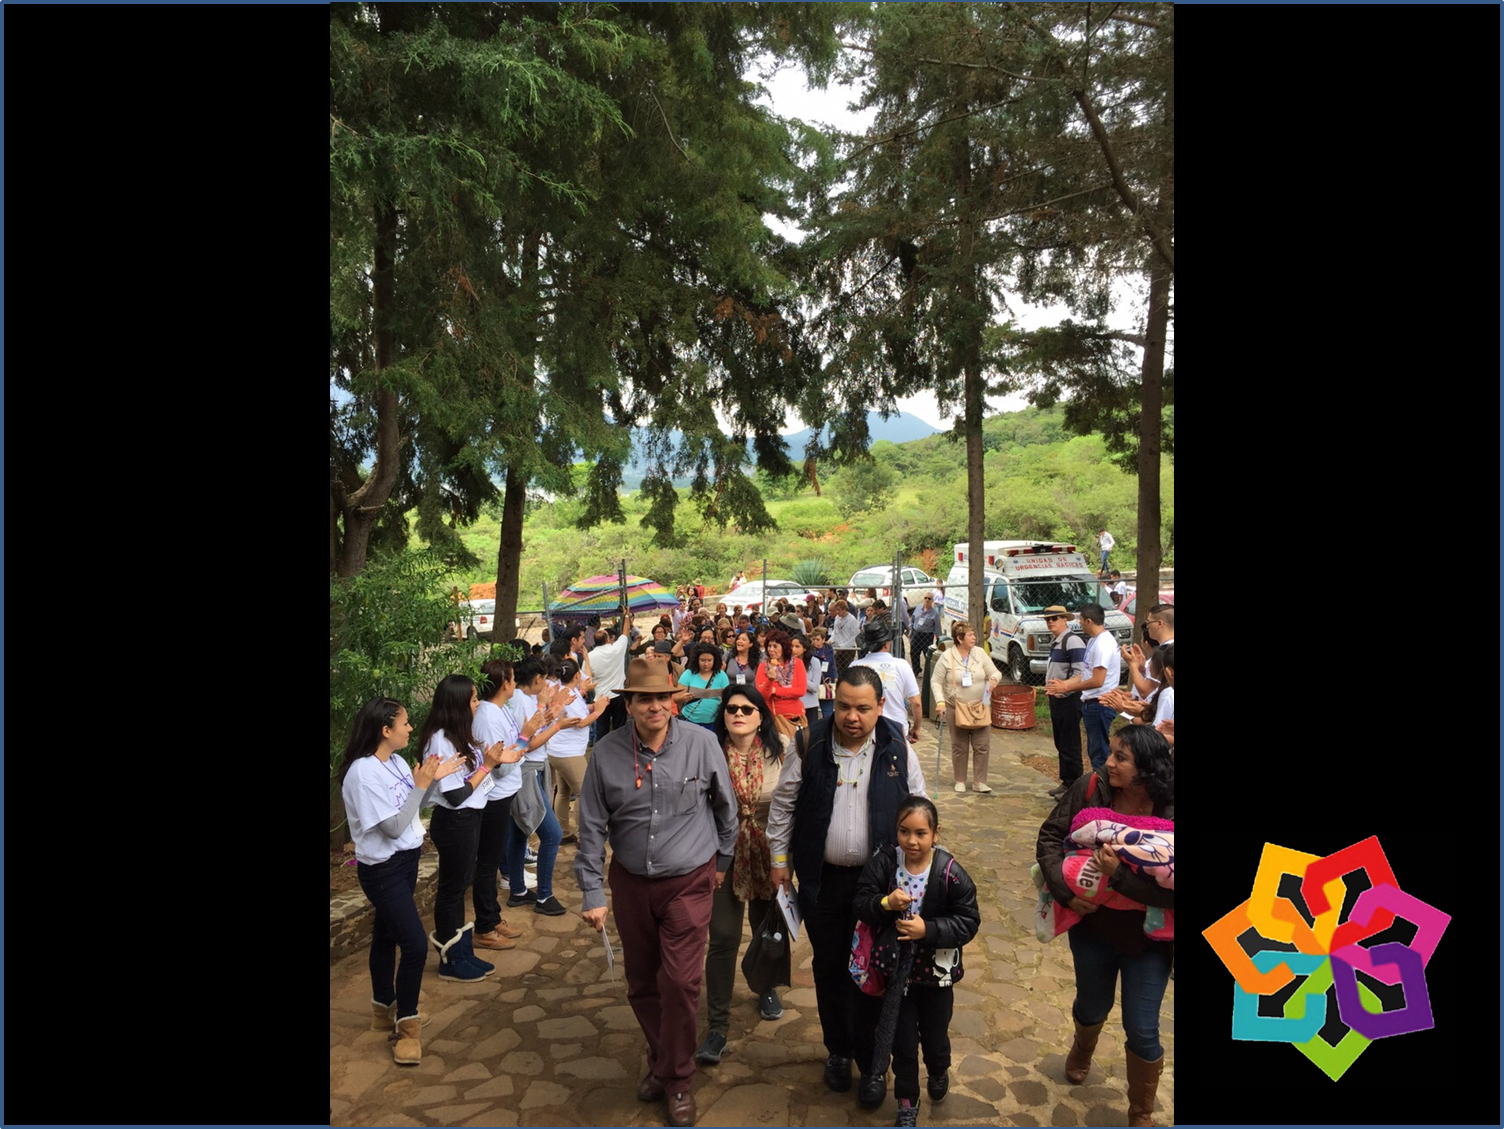 MICHOACÁN MÁGICO le informa que además de las actividades que la Secretaría de Turismo del estado está desarrollando, también está poniendo especial interés en fortalecer el trabajo en conjunto con las Agencias de Viajes y Tour Operadoras Mayoristas con oficinas de México y en los Estados Unidos. Esto fue informado por el Secretario de Turismo, Mtro. Carlos Javier Ávila Pedraza. http://www.zirahuen.com/forest/